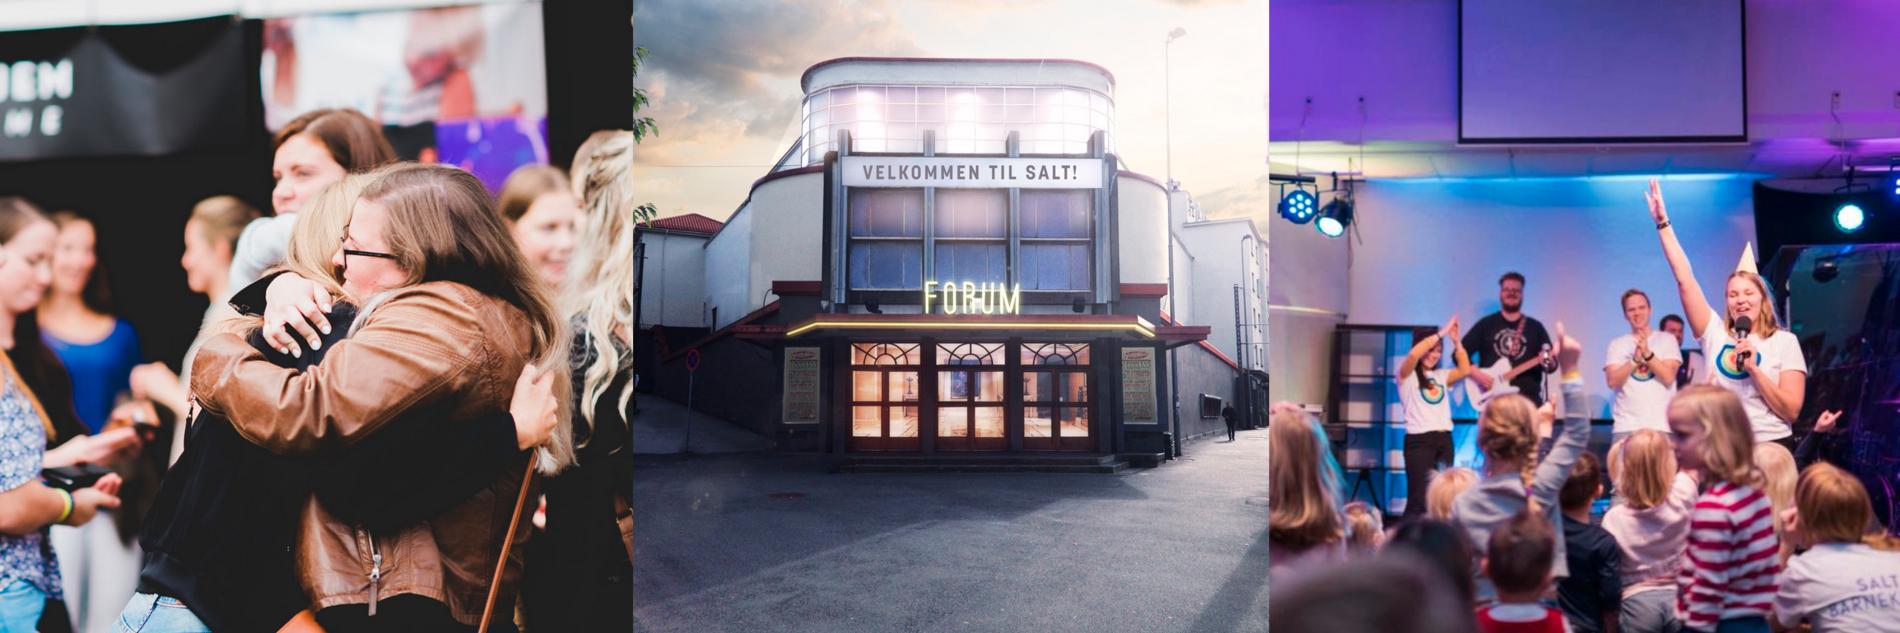 Forum: Et hjem for Salt - En kulturarena for byen